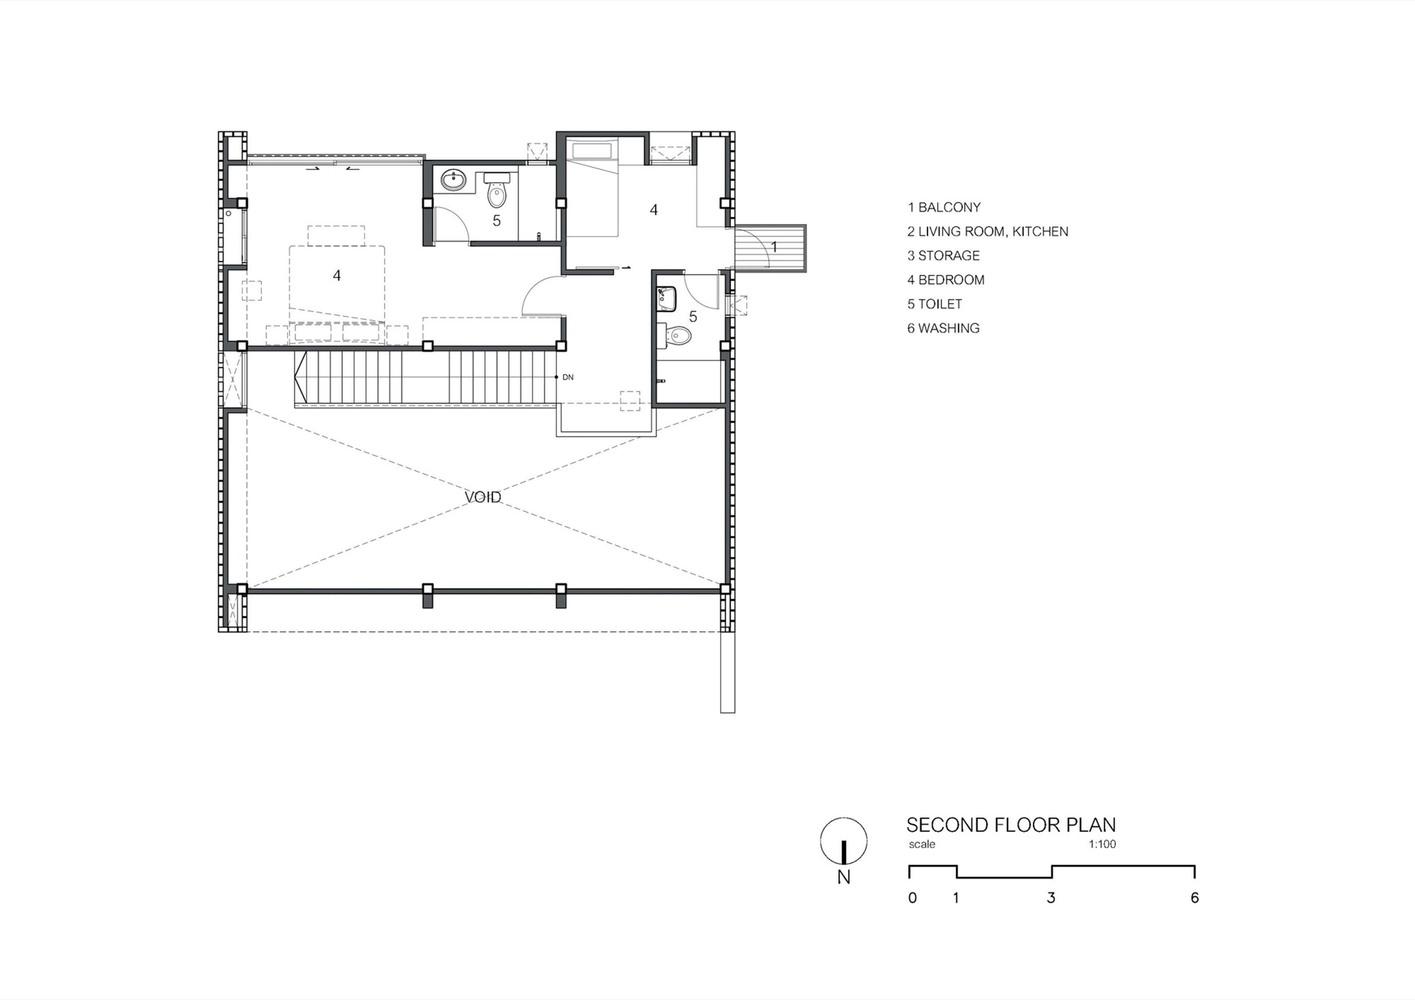 Floor Plan Scale 1 100